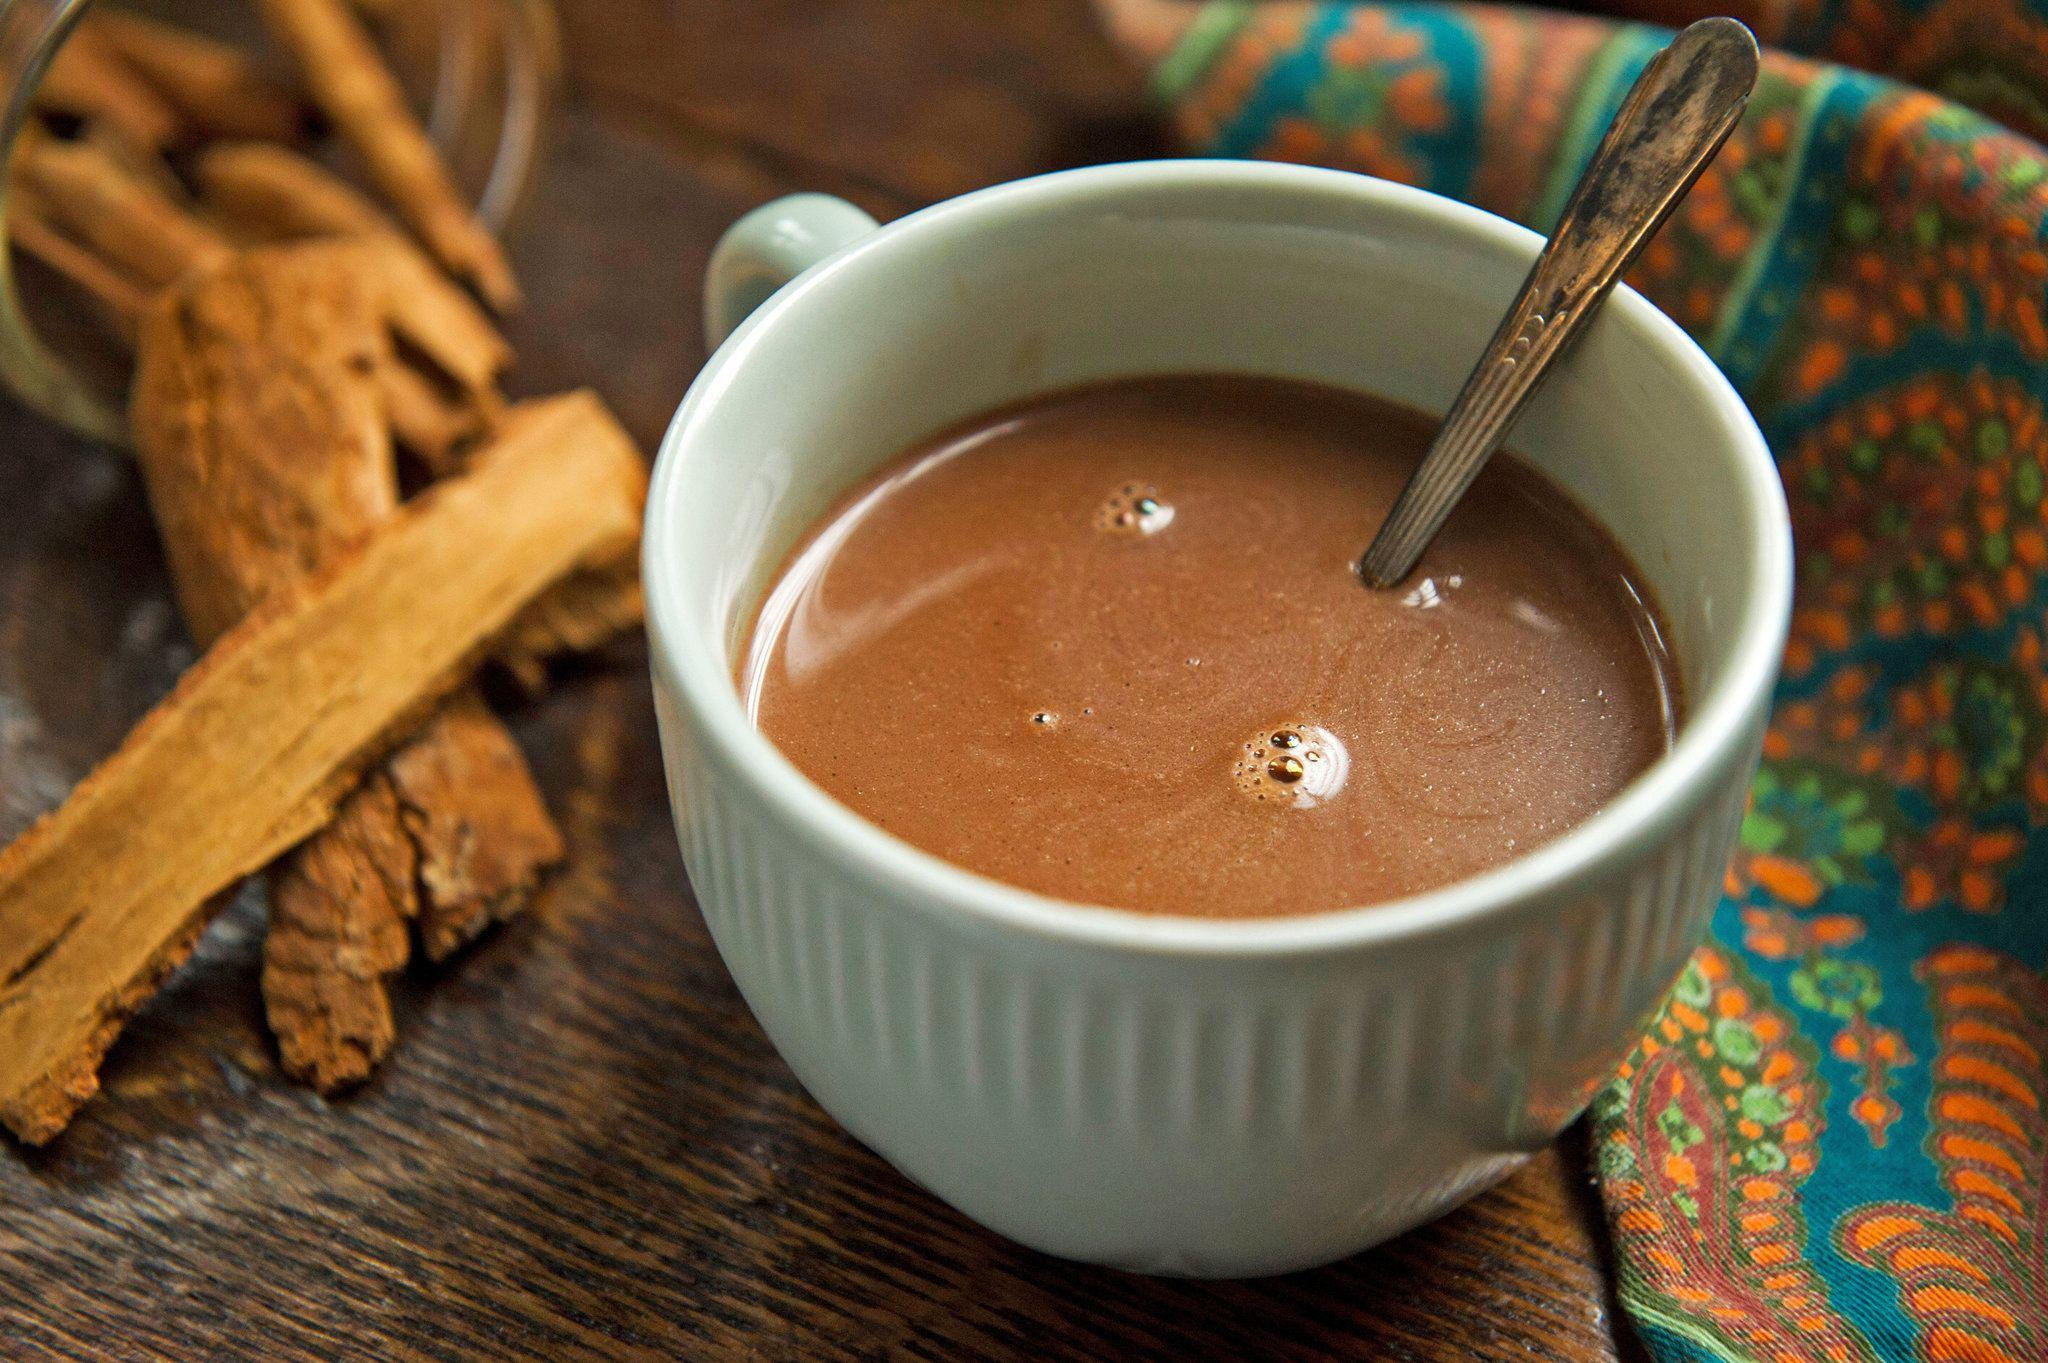 Cómo Hacer Un Chocolate Caliente Perfecto Me Lo Dijo Lola